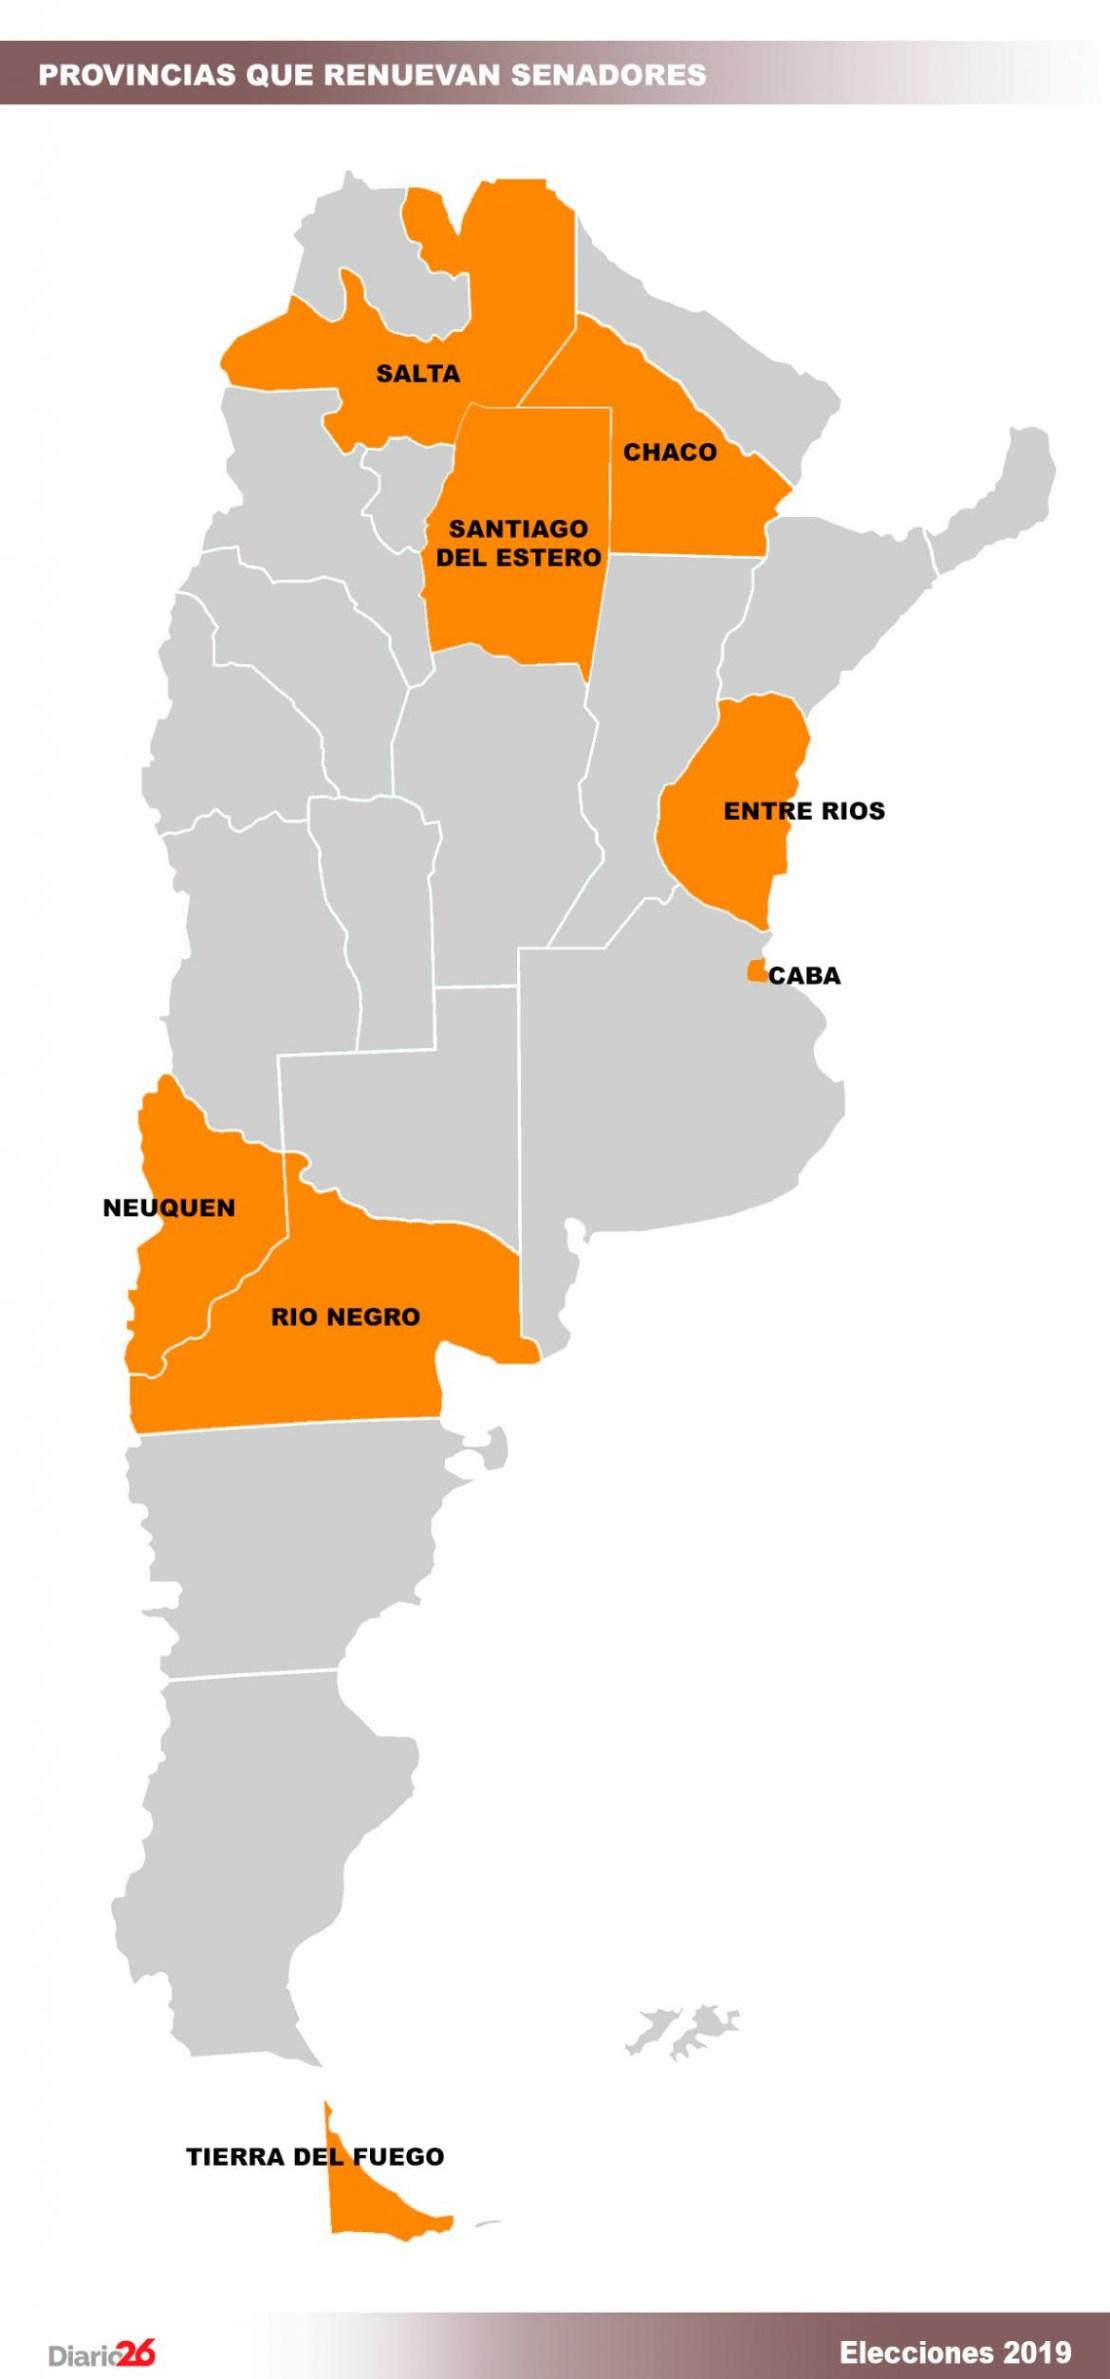 Provincias que renuevan senadores, elecciones 2019